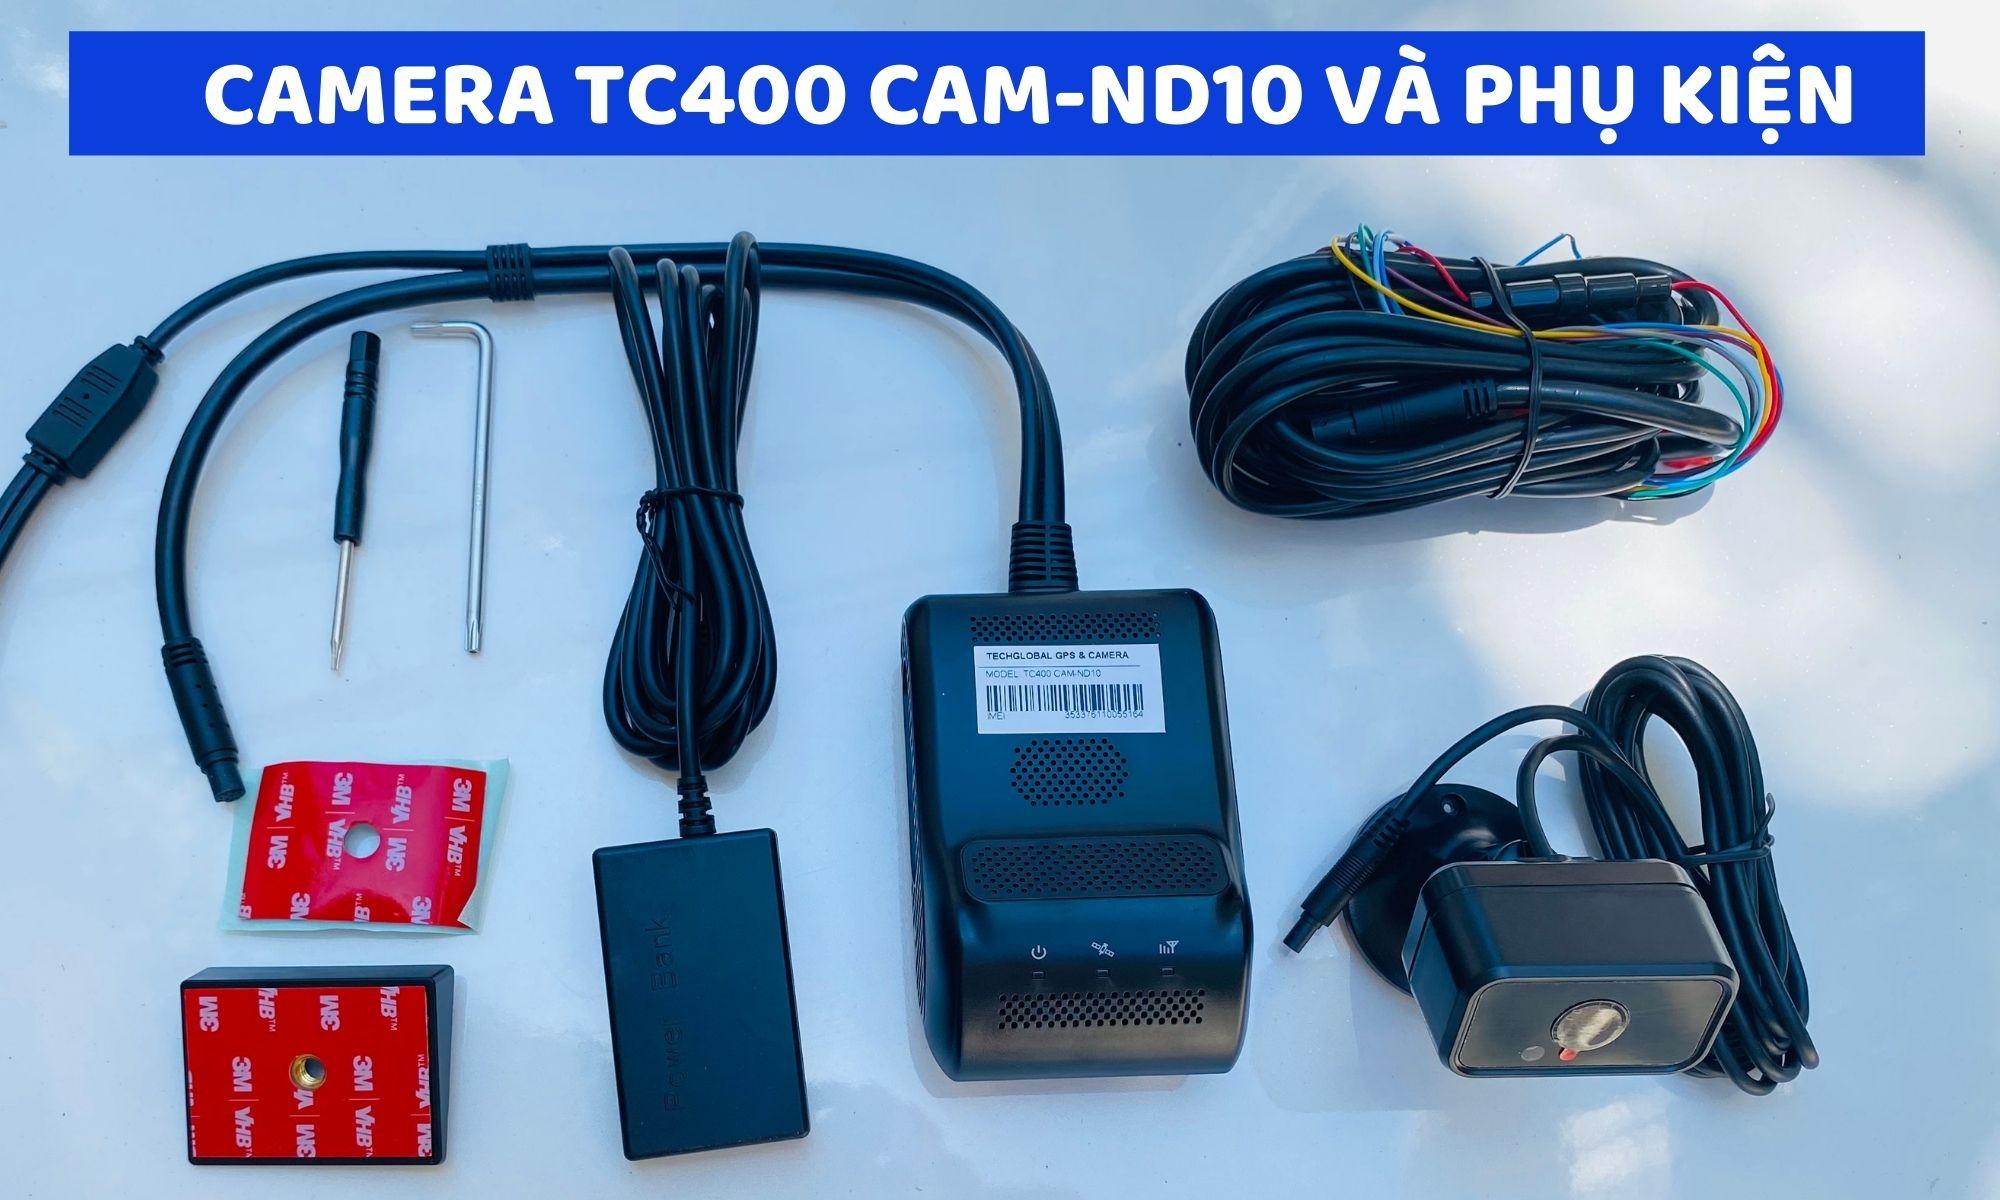 Camera-tc400-cam-nd10-va-phu-kien